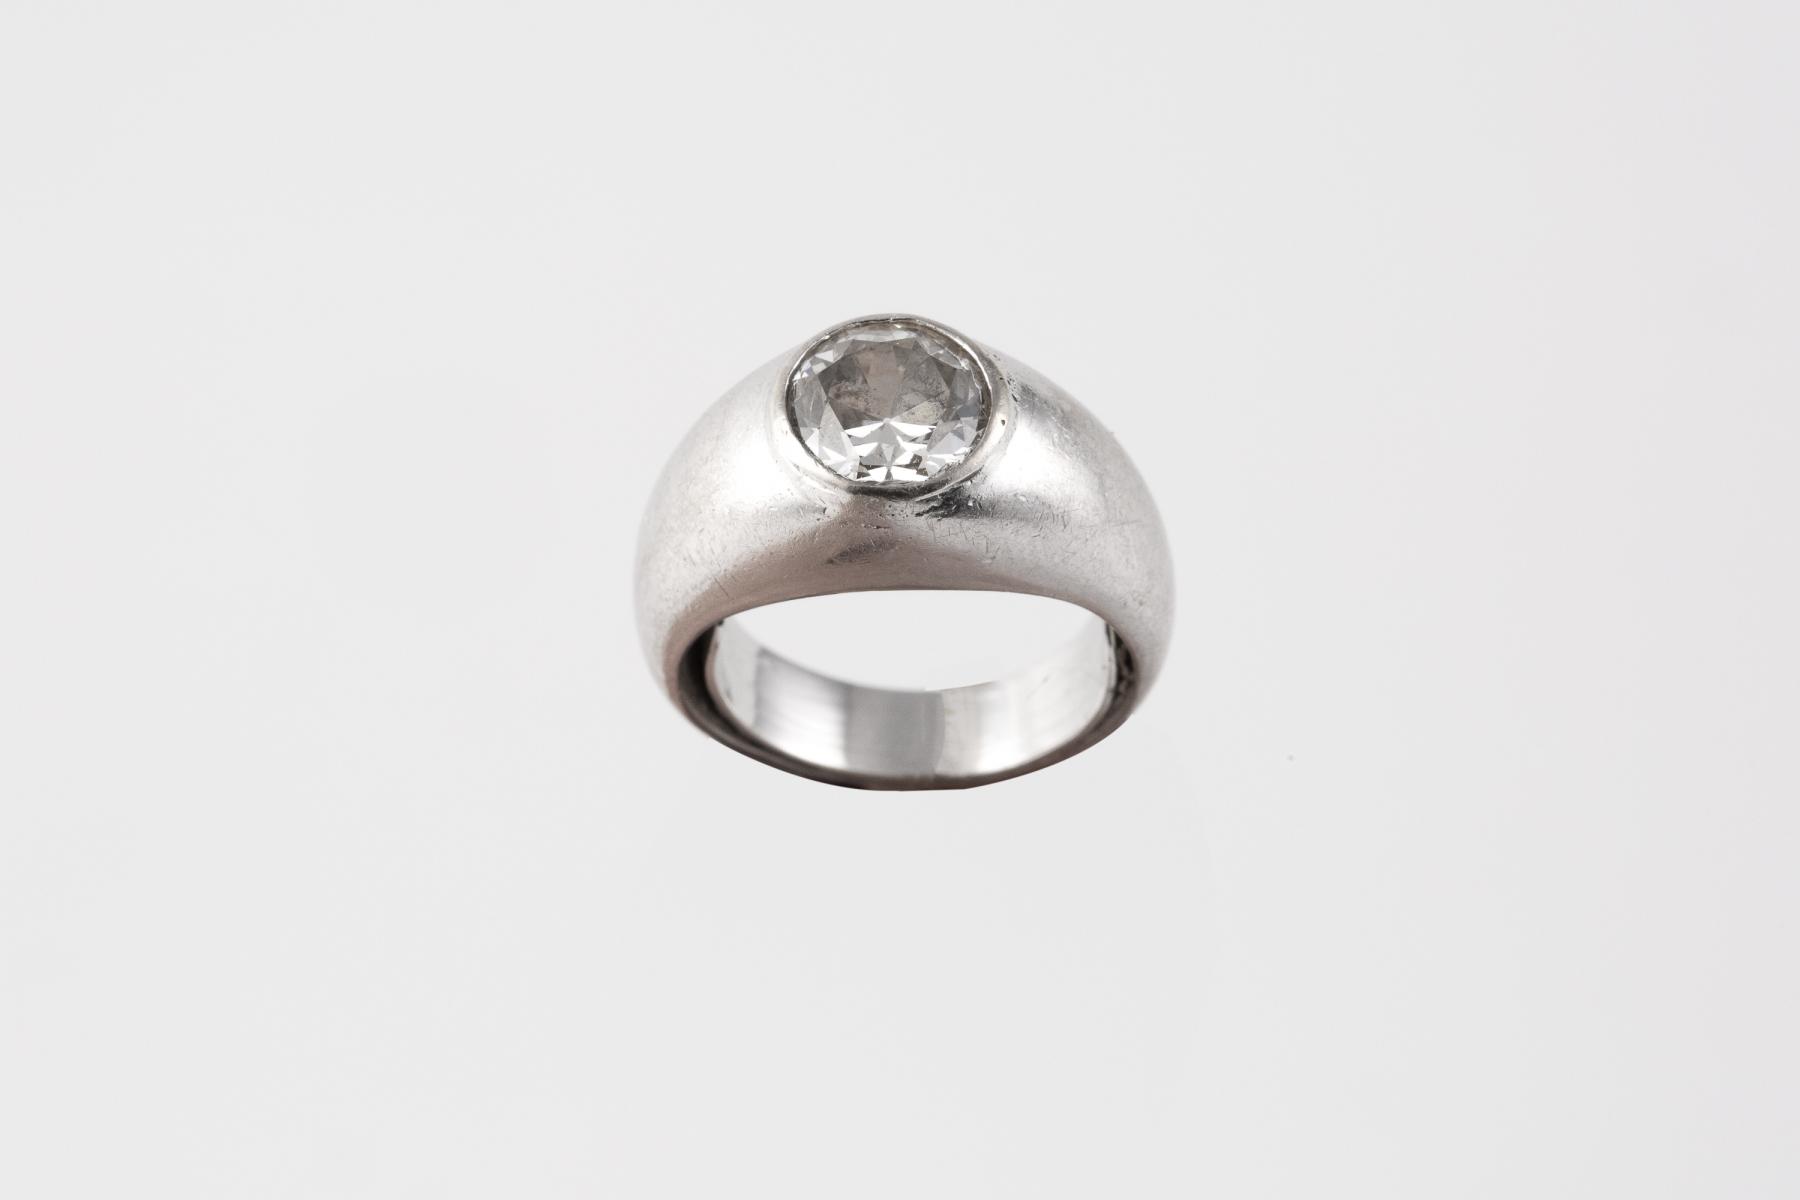 200- Bague jonc en or blanc orné d'un diamant d'environ 1 carat. Adjugé 2500€